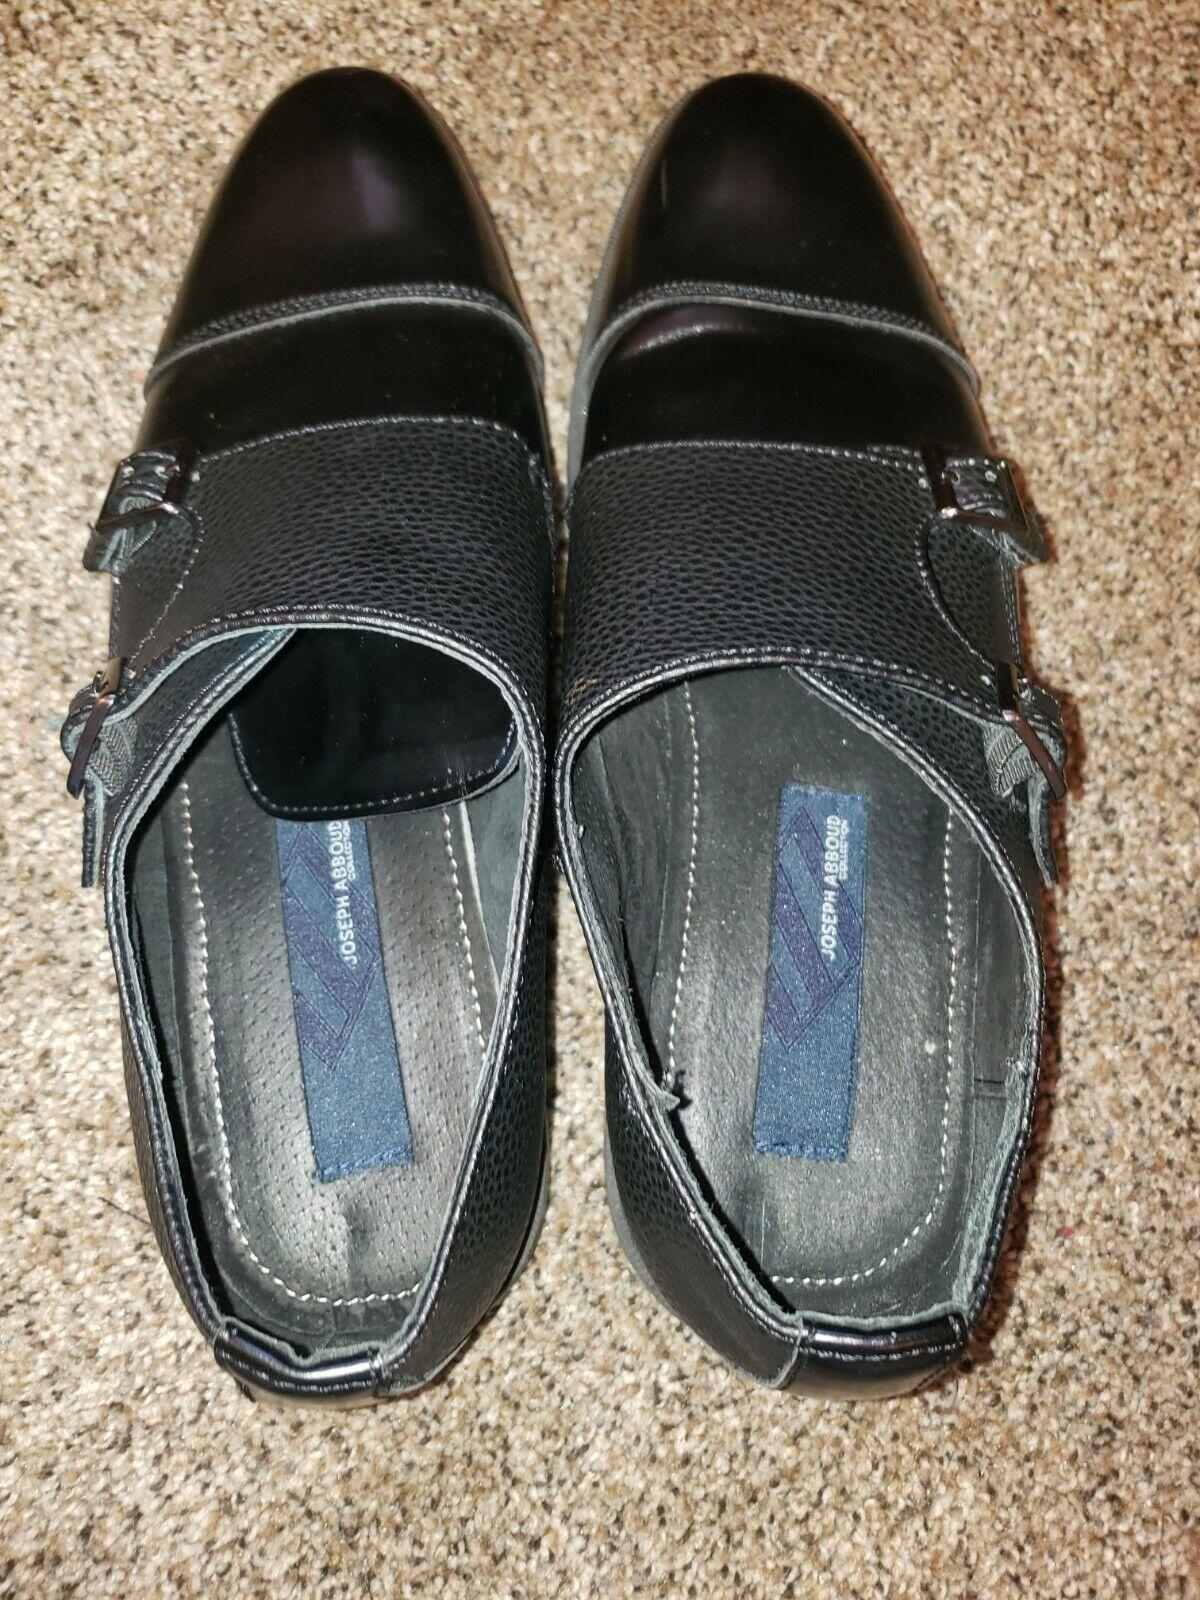 Joseph Abboud Men'sShoe Black Leather Double Monk Strap Buckle Size 10.5